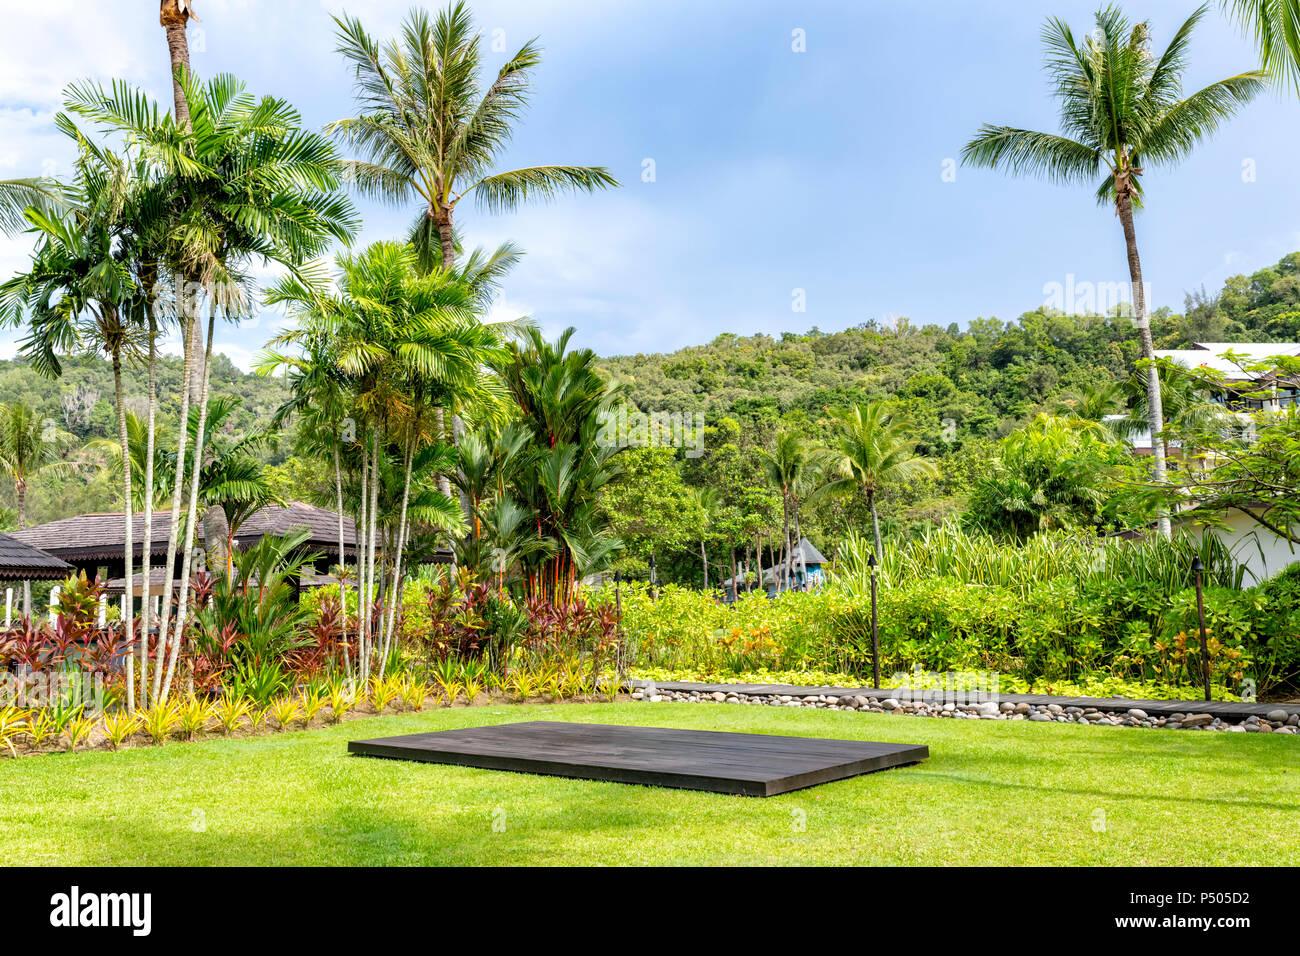 Palmen und andere exotische Vegetation vor blauem Himmel in Borneo, Malaysia Stockbild